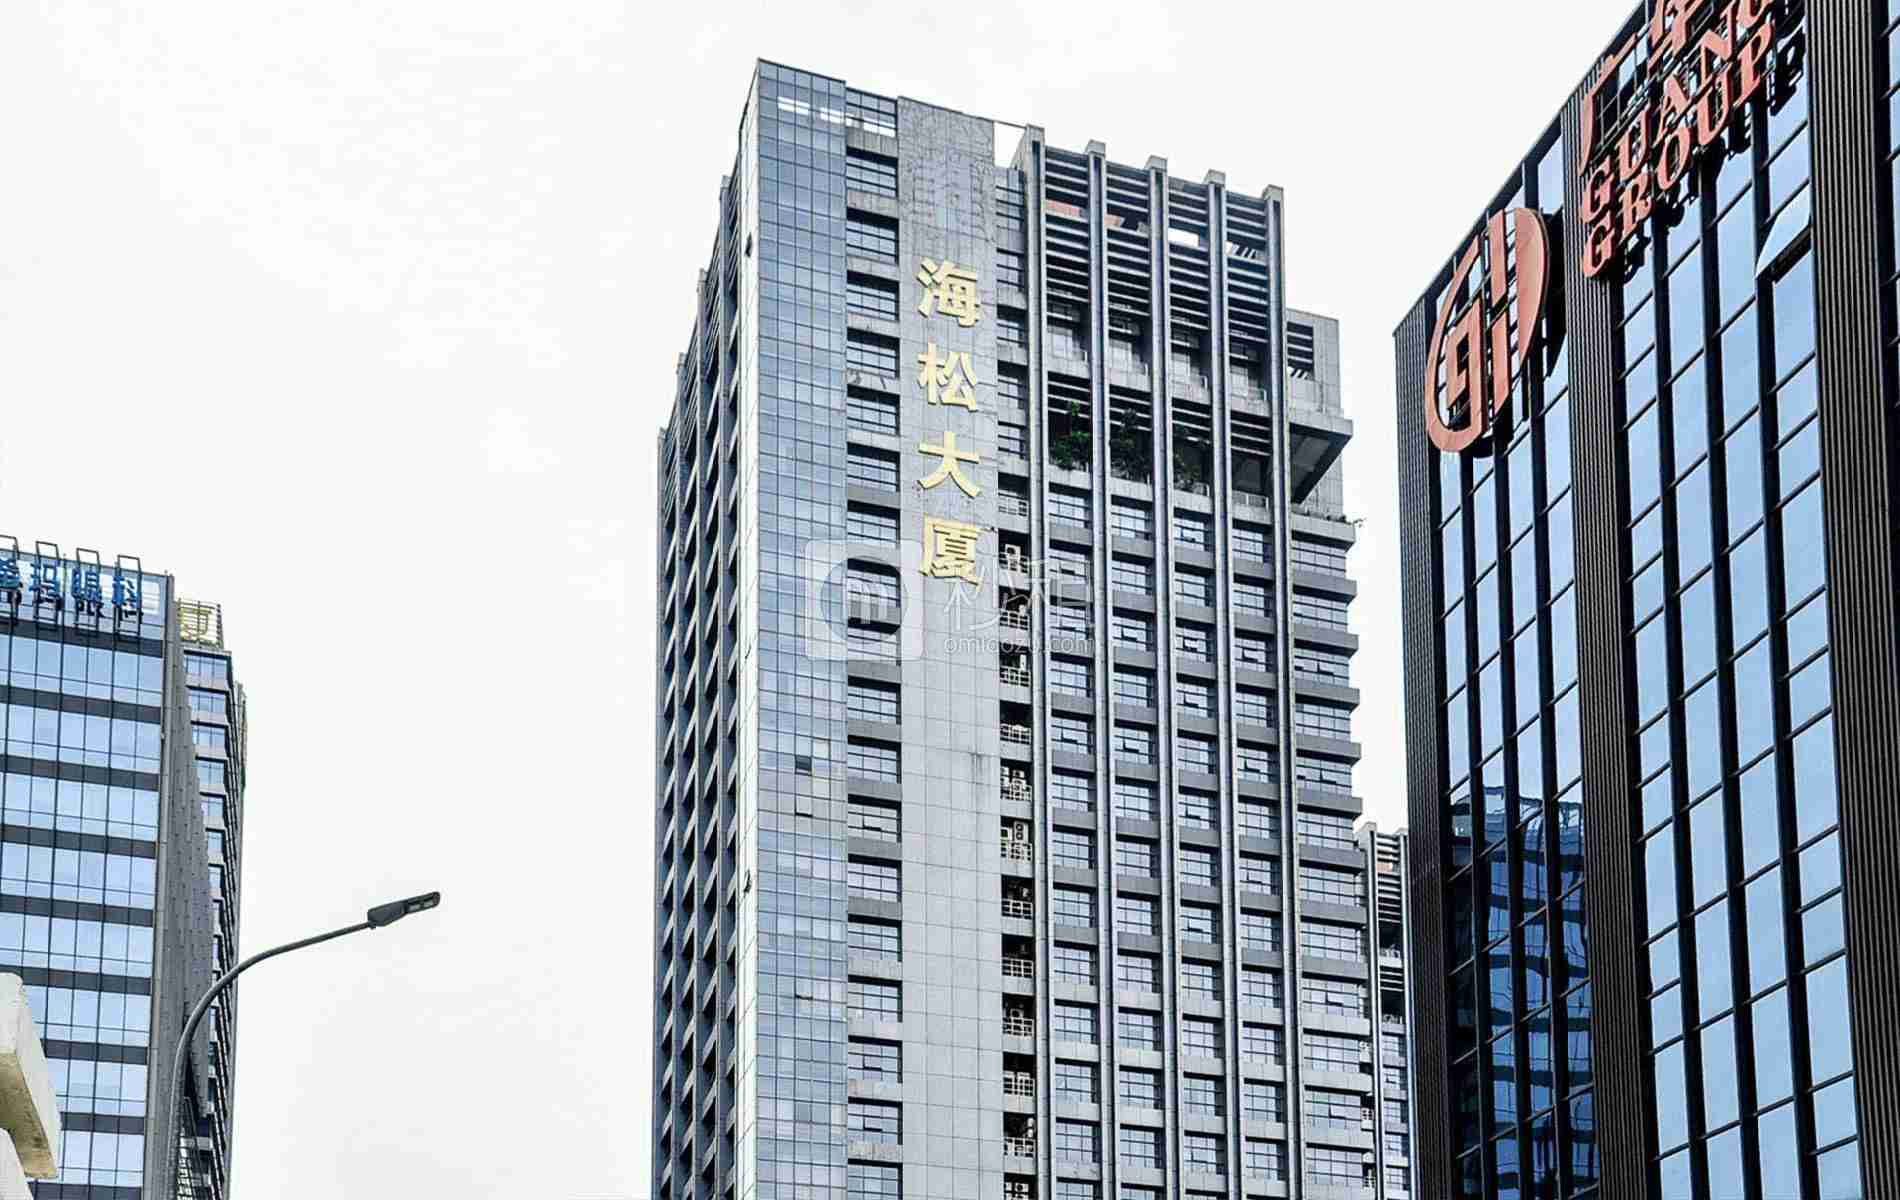 海松大厦写字楼出租/招租/租赁,海松大厦办公室出租/招租/租赁